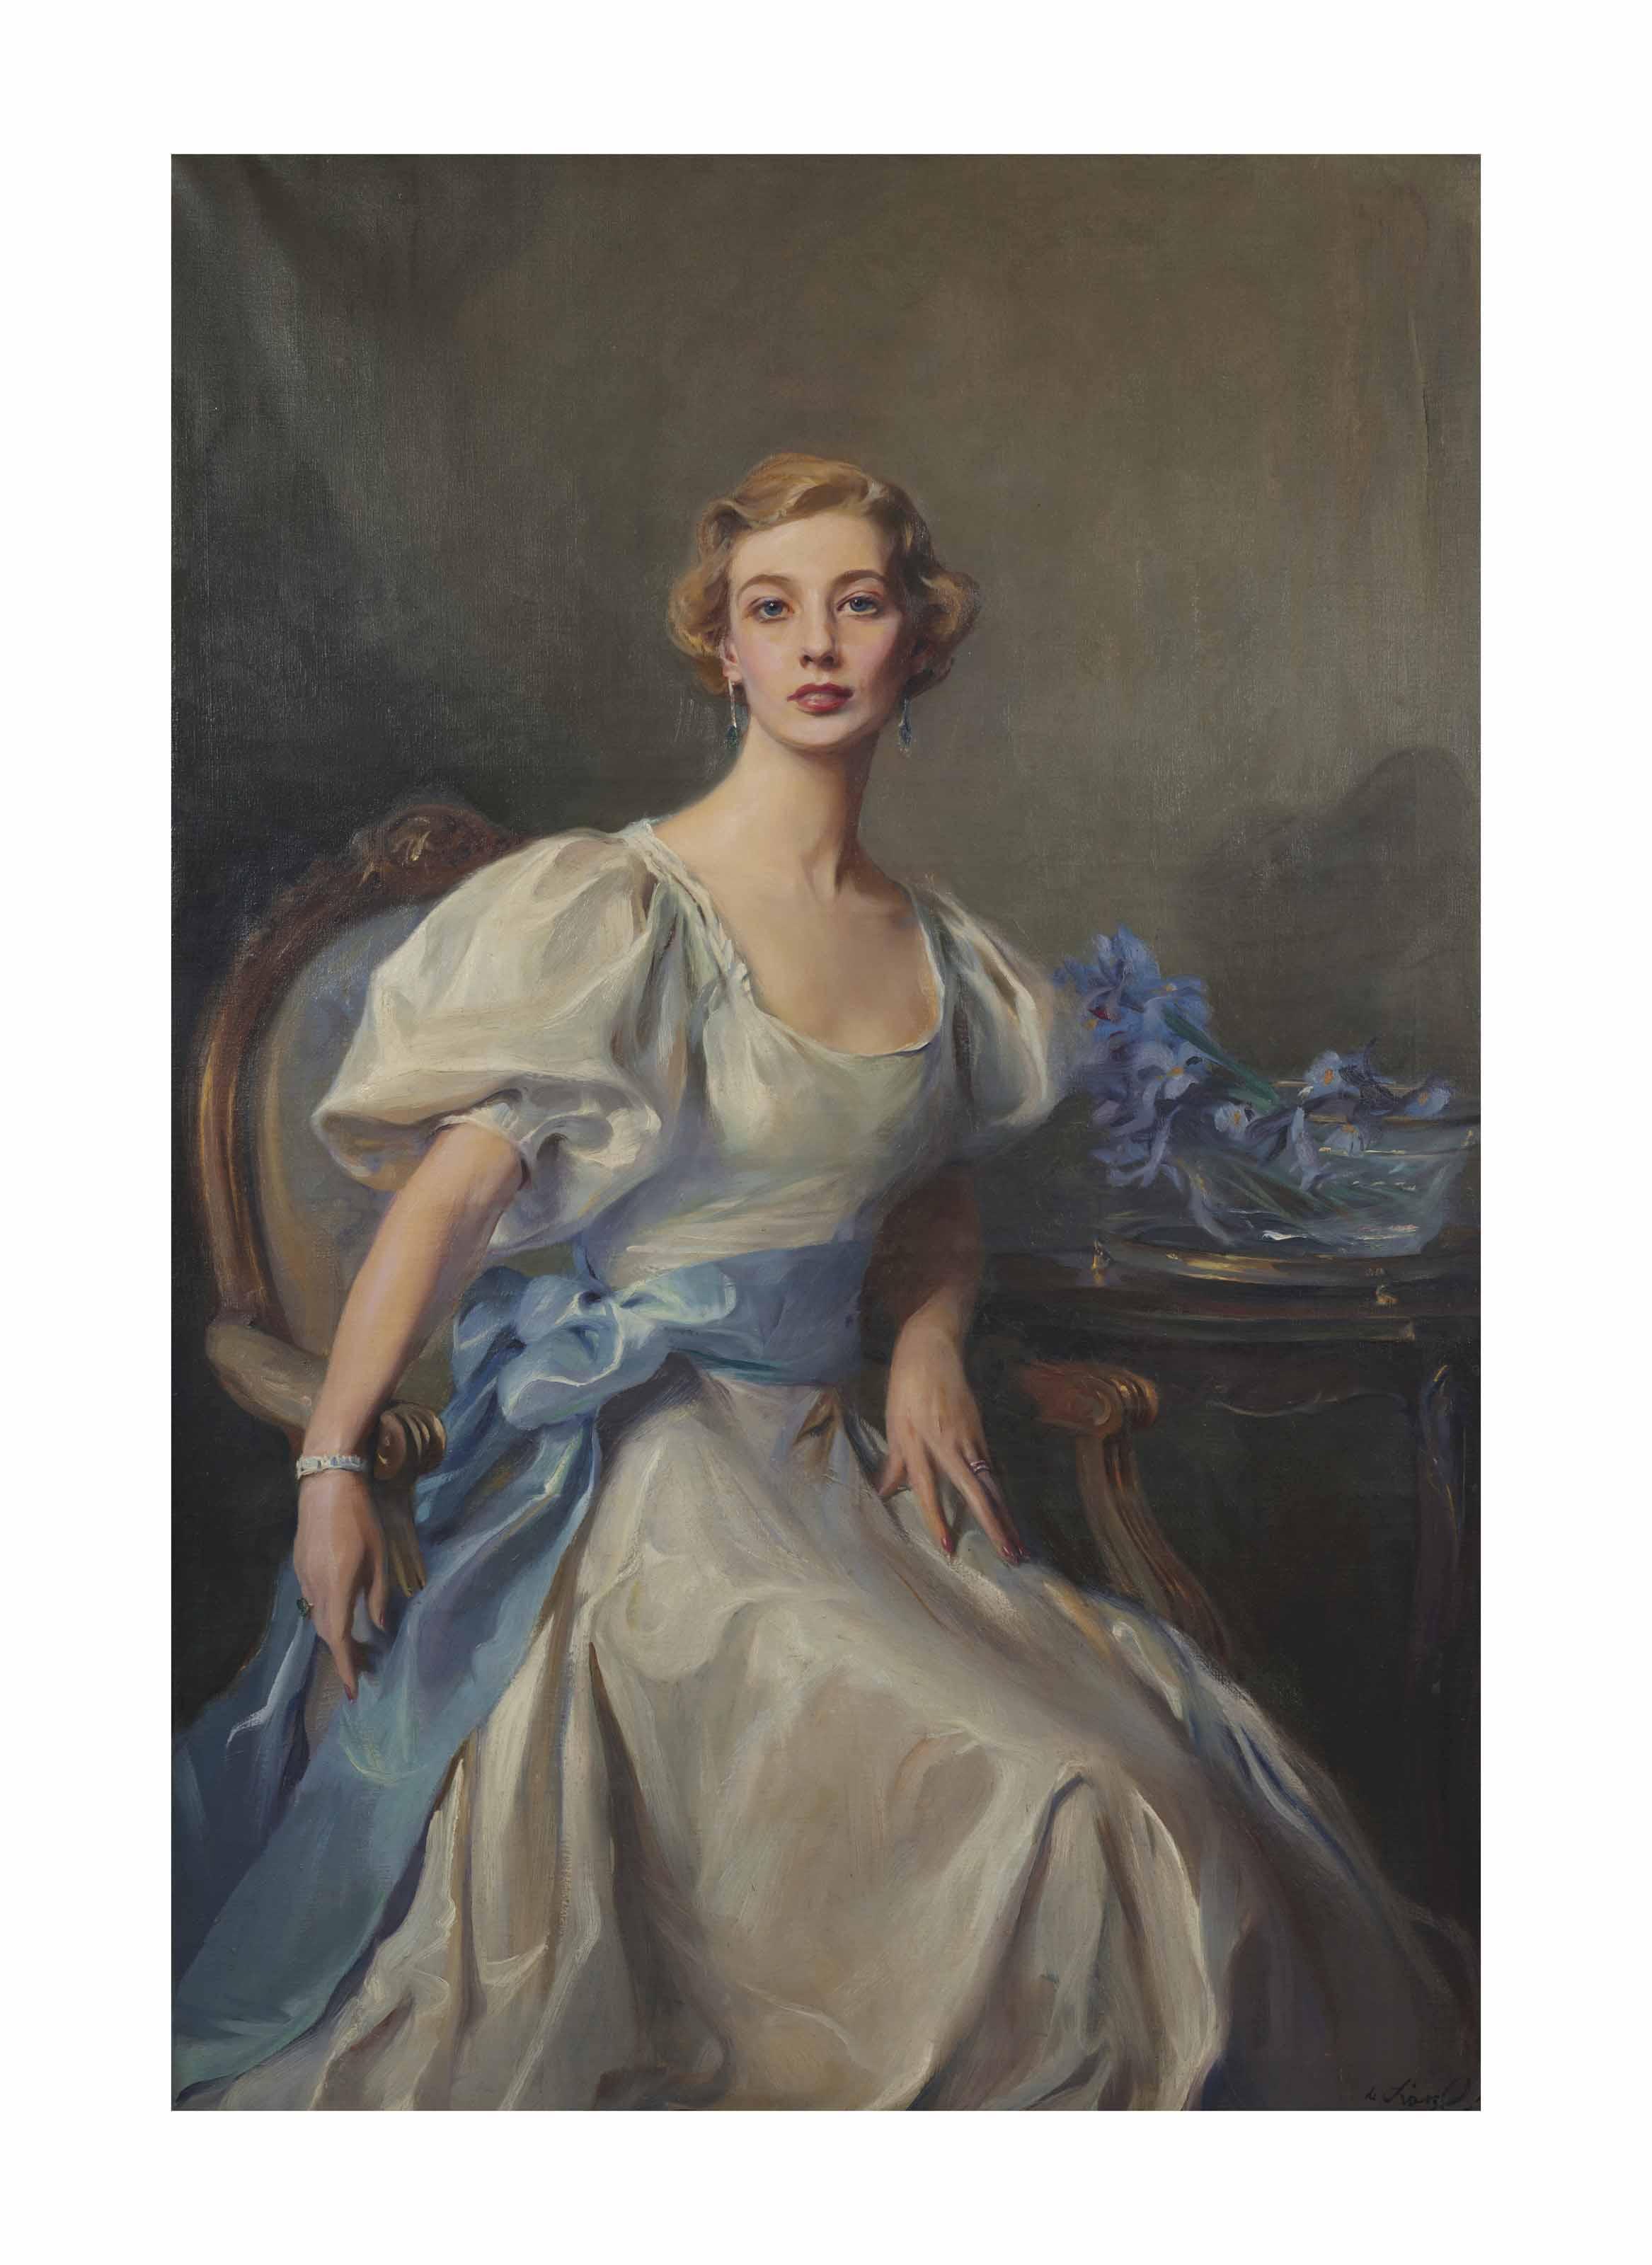 Portrait de Cécile Elizabeth Florence Rankin (1914-1993), Lady Grandy